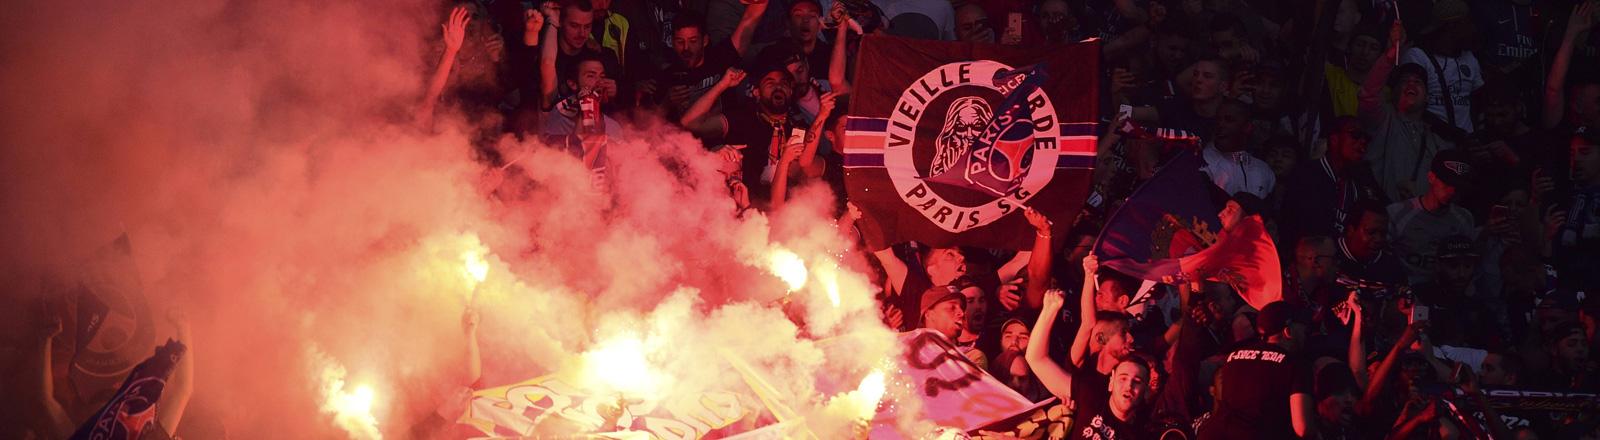 Bengalische Feuer beim Spiel zwischen Paris Saint Germain und Olympique Marseille.